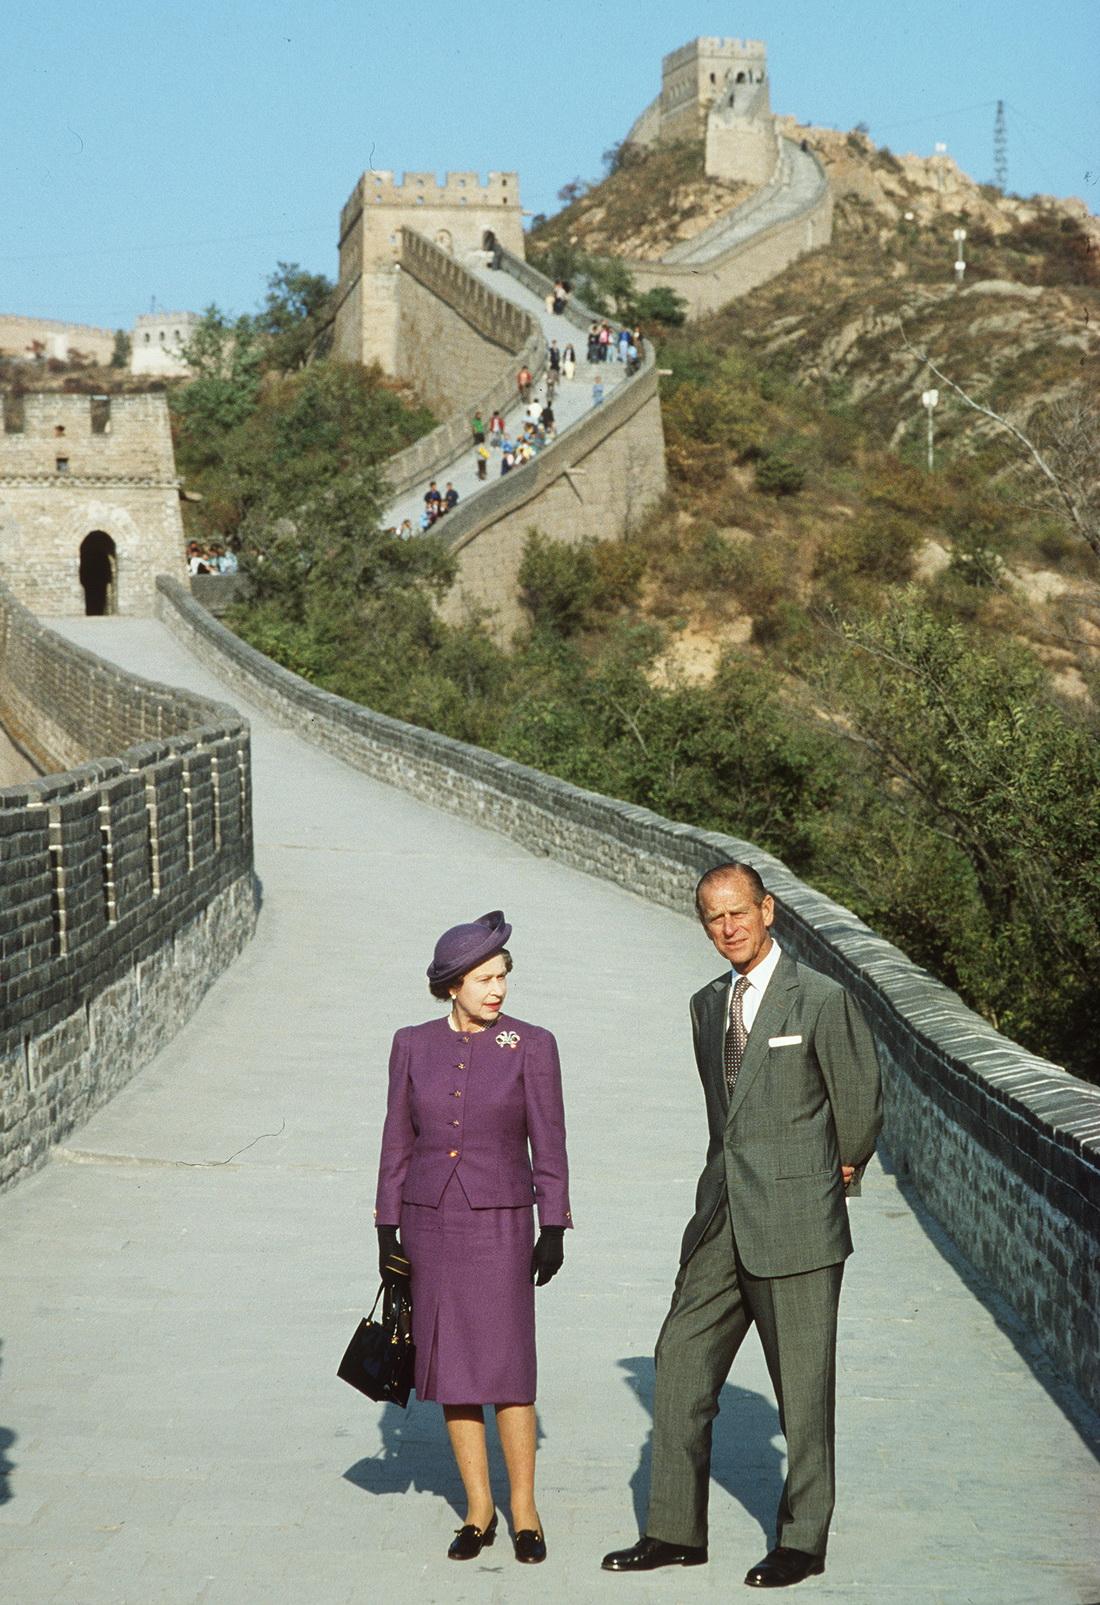 1986年 , 英国女王伊丽莎白二世和菲利普亲王访问中国时 , 在长城合影 。